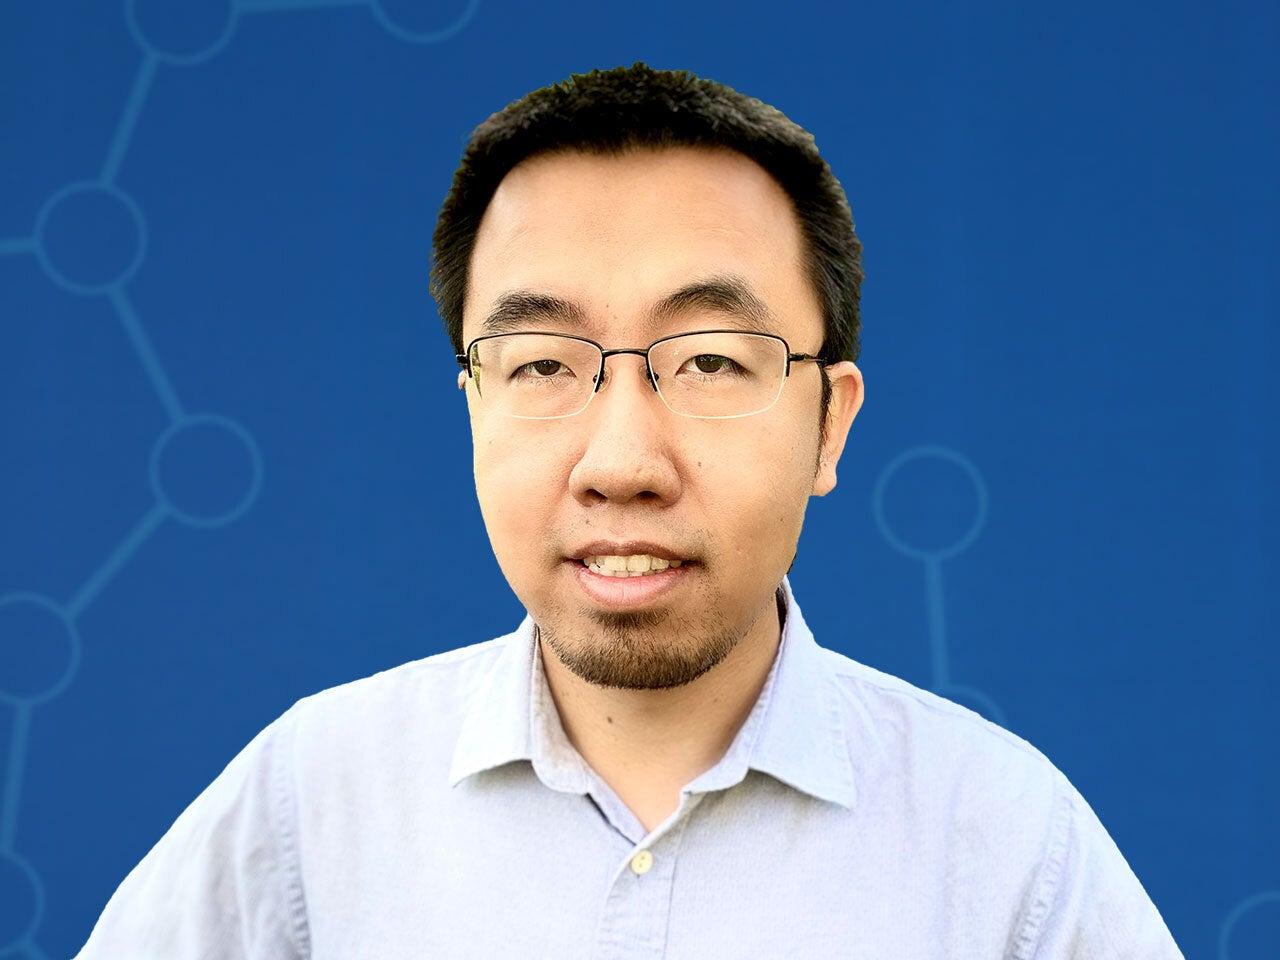 Siran Li